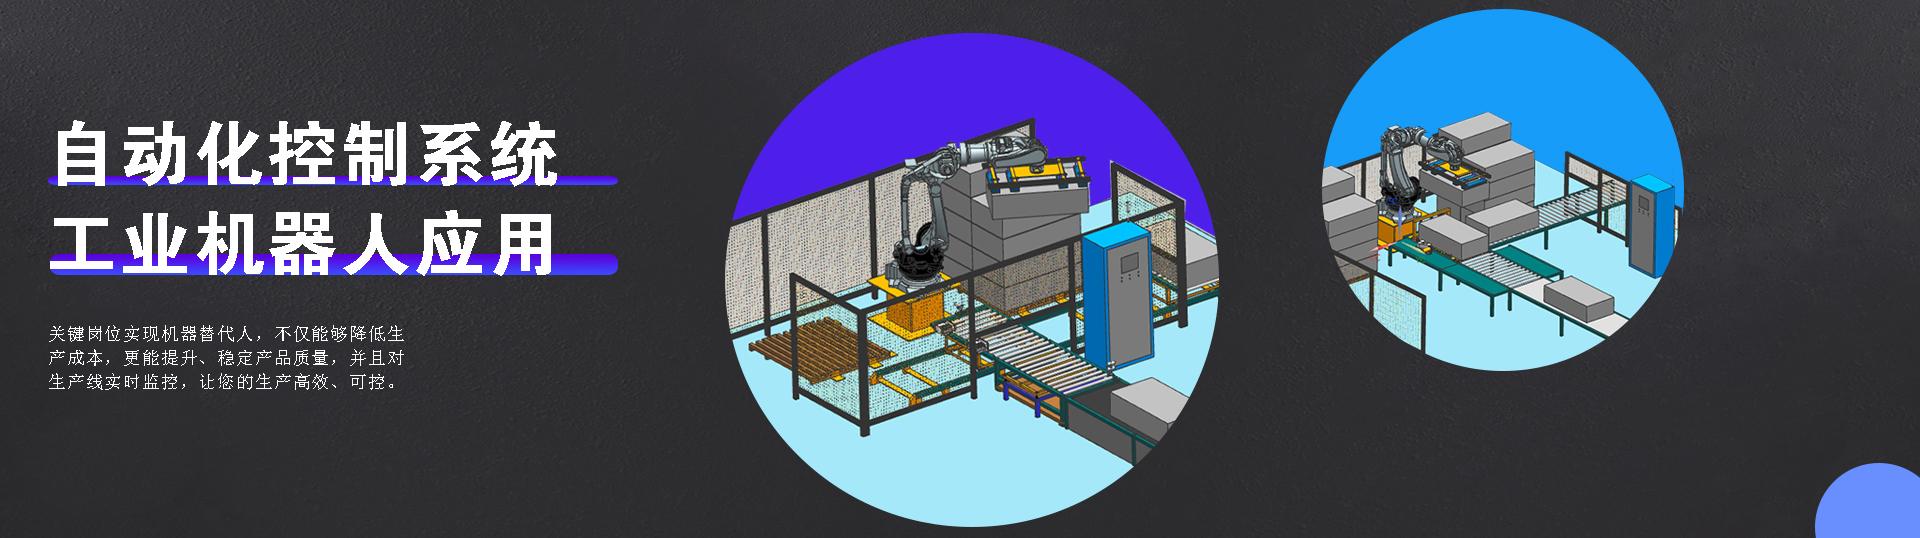 工厂可视化管理解决方案